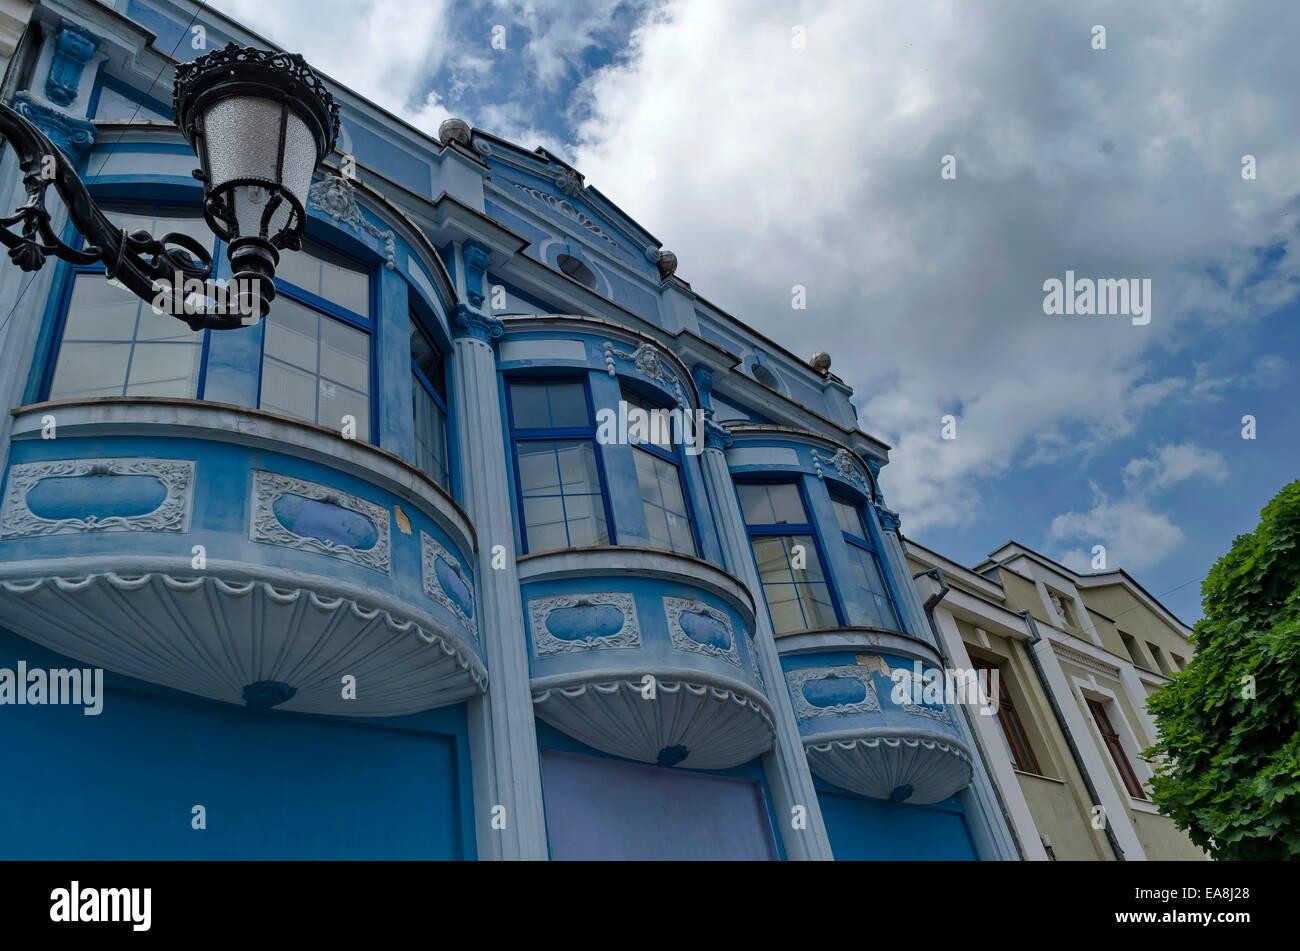 Great Altes Haus Mit Bogen Fenster Und Putz Ornament. Stadt Plovdiv, Bulgarien